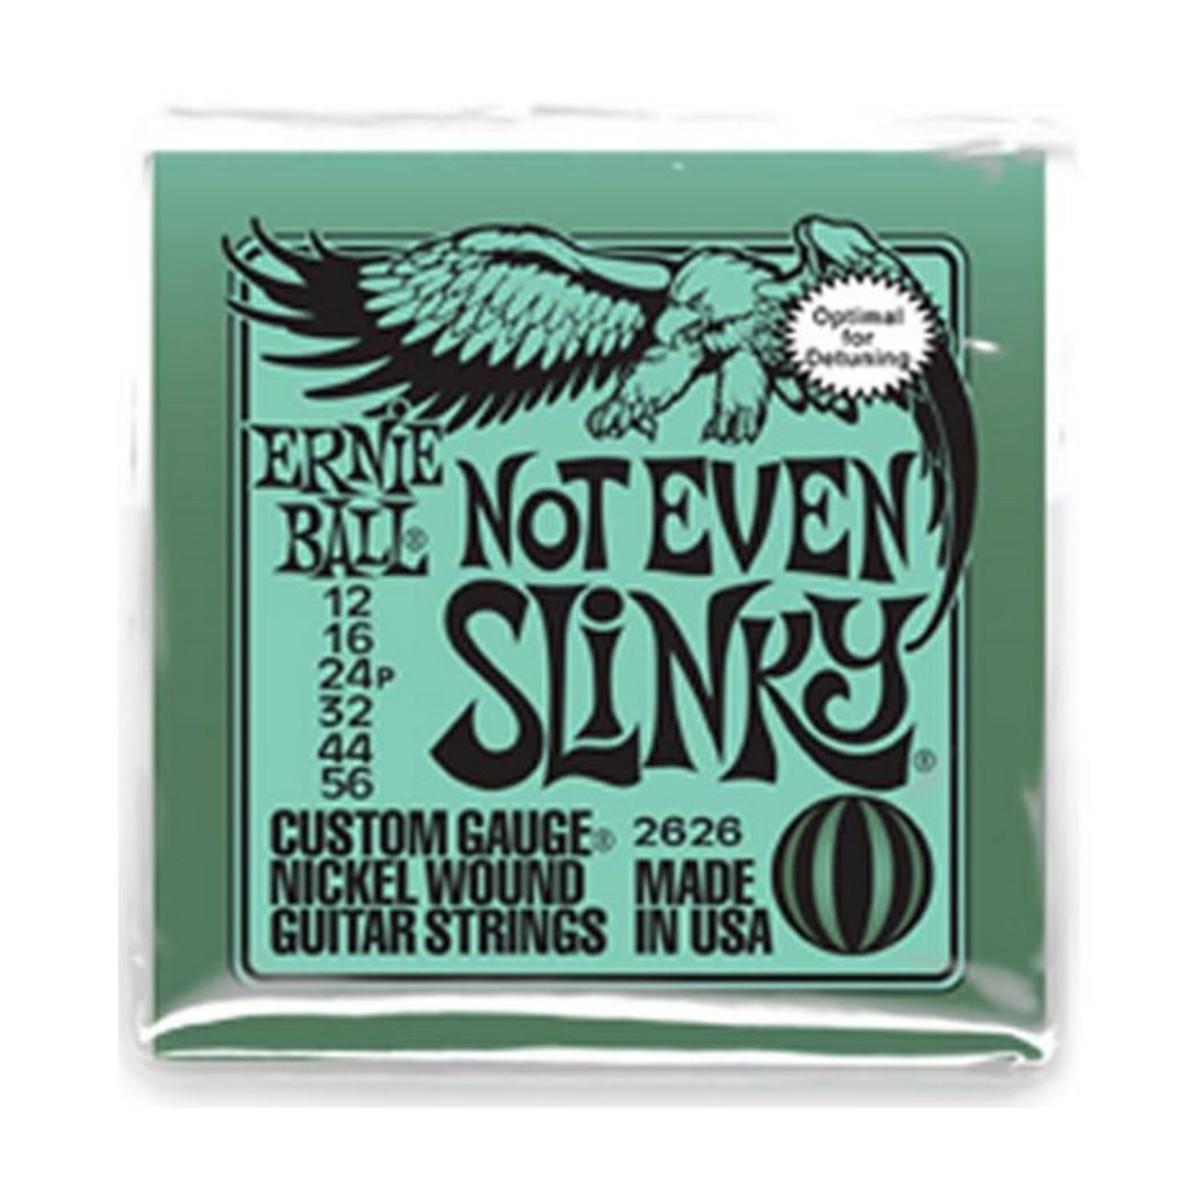 Ernie Ball Not Even Slinky Strings 12-56